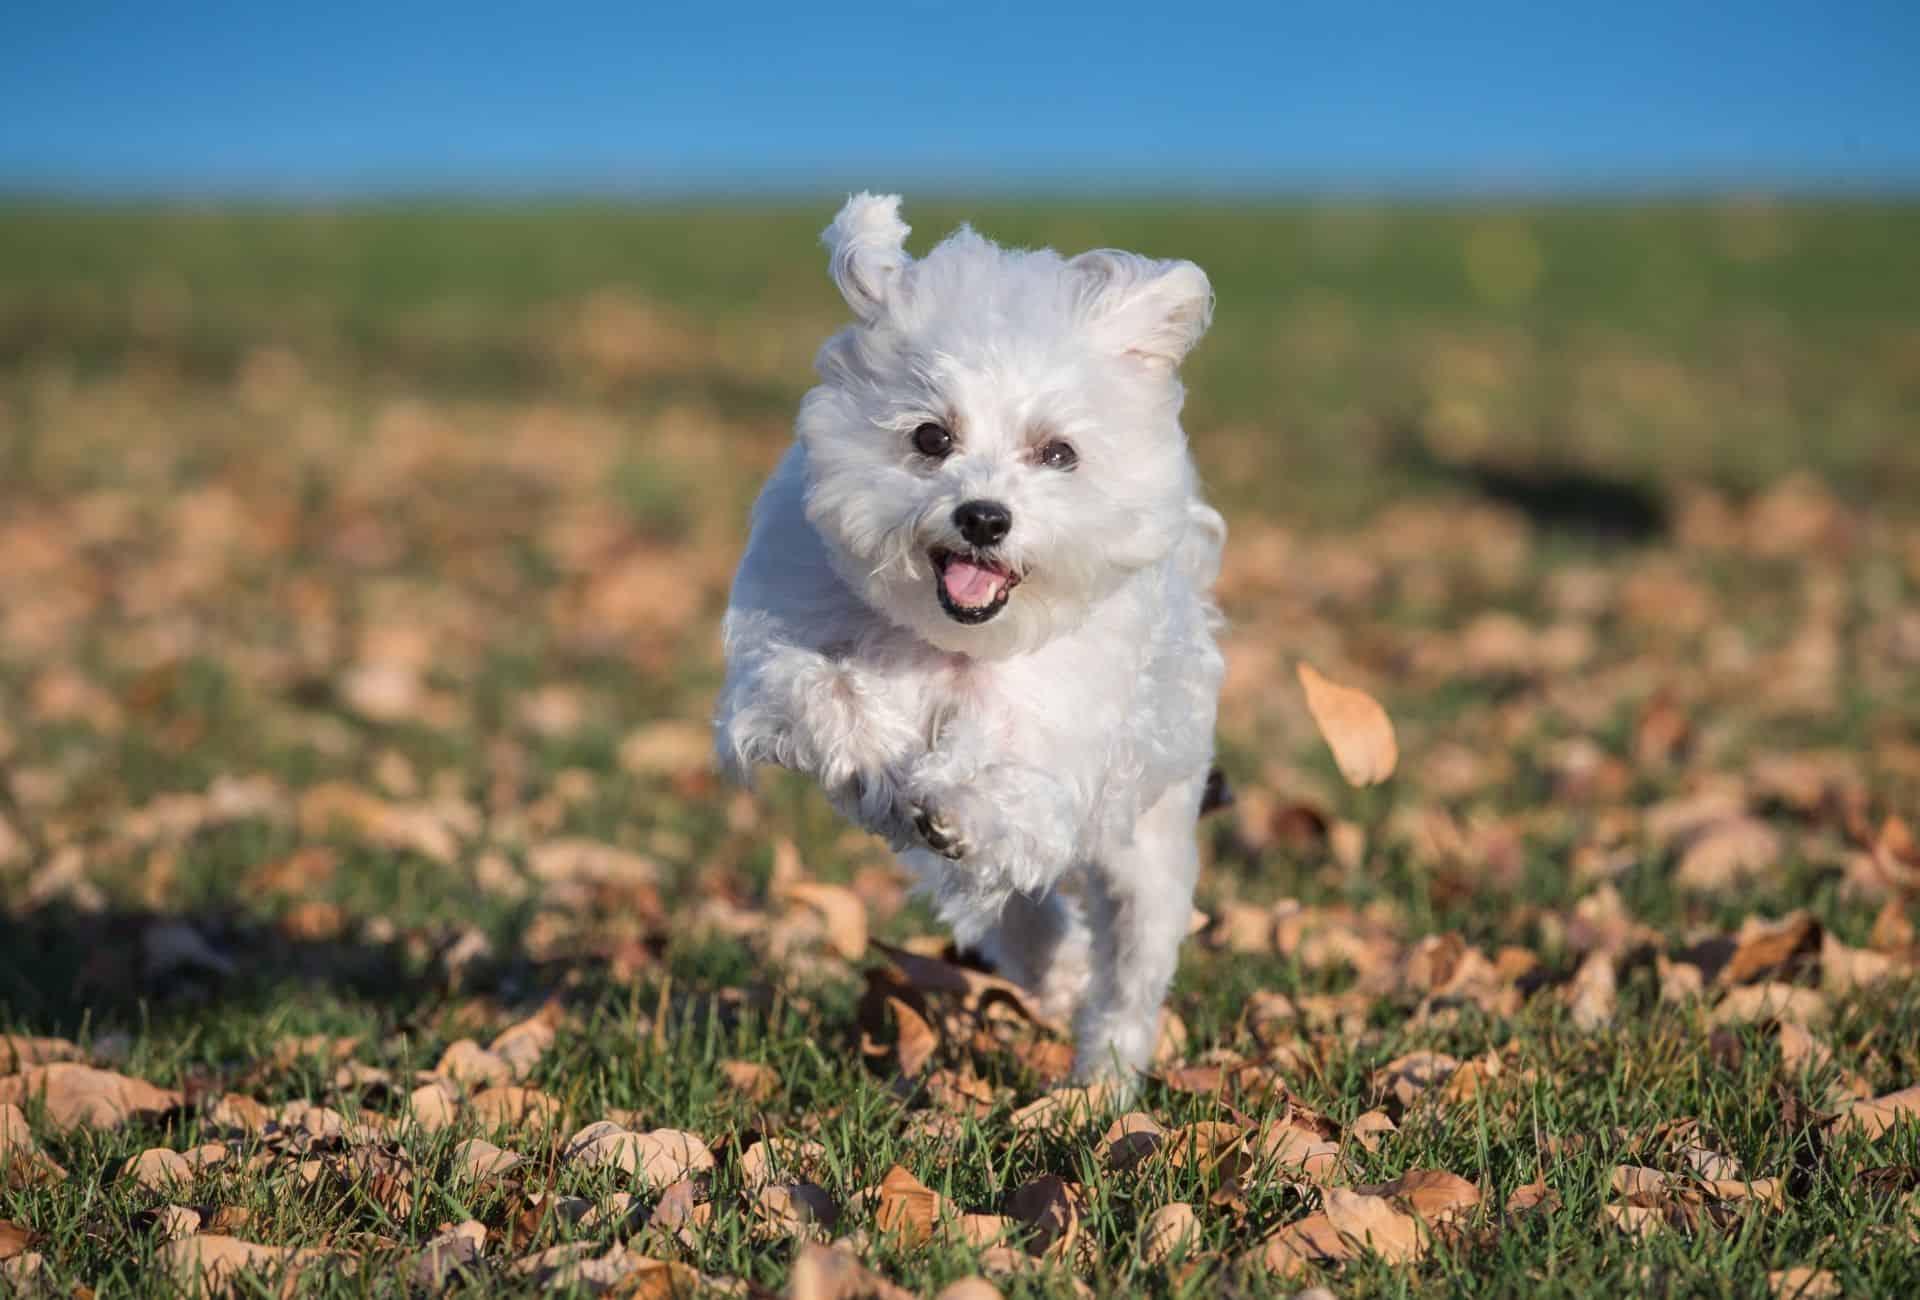 Maltese running towards the camera.